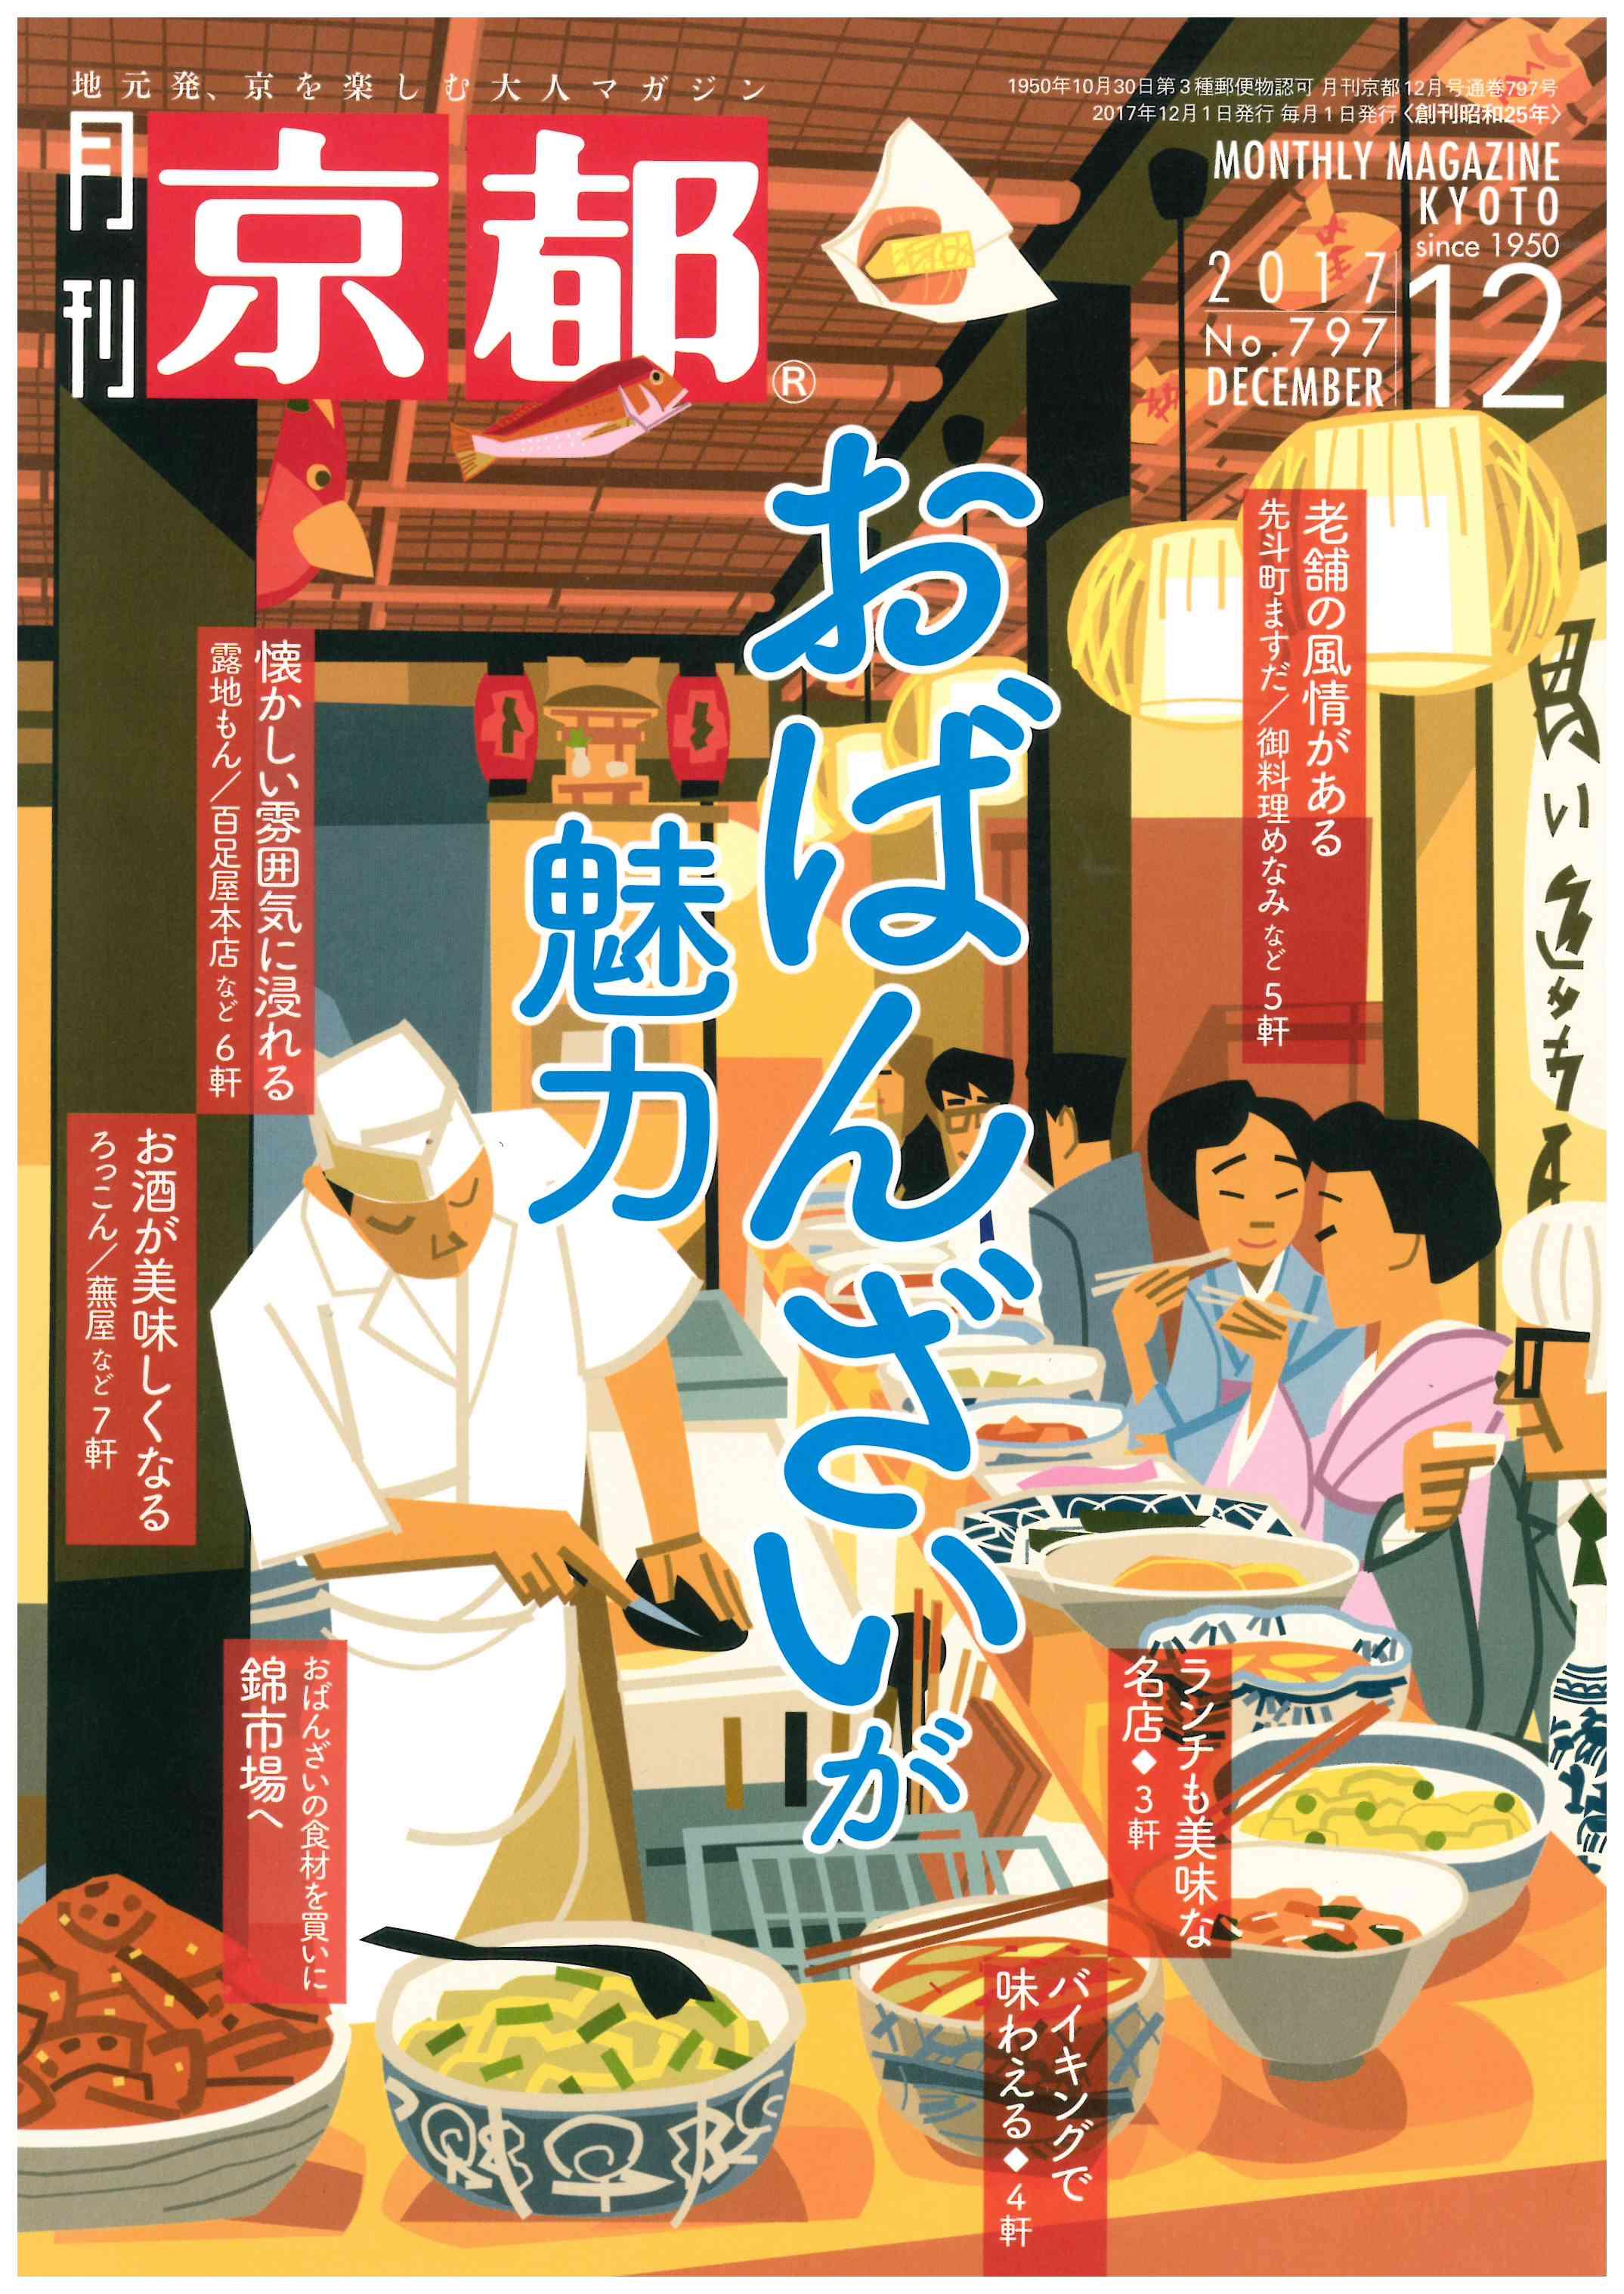 月刊京都2017年12月号表紙